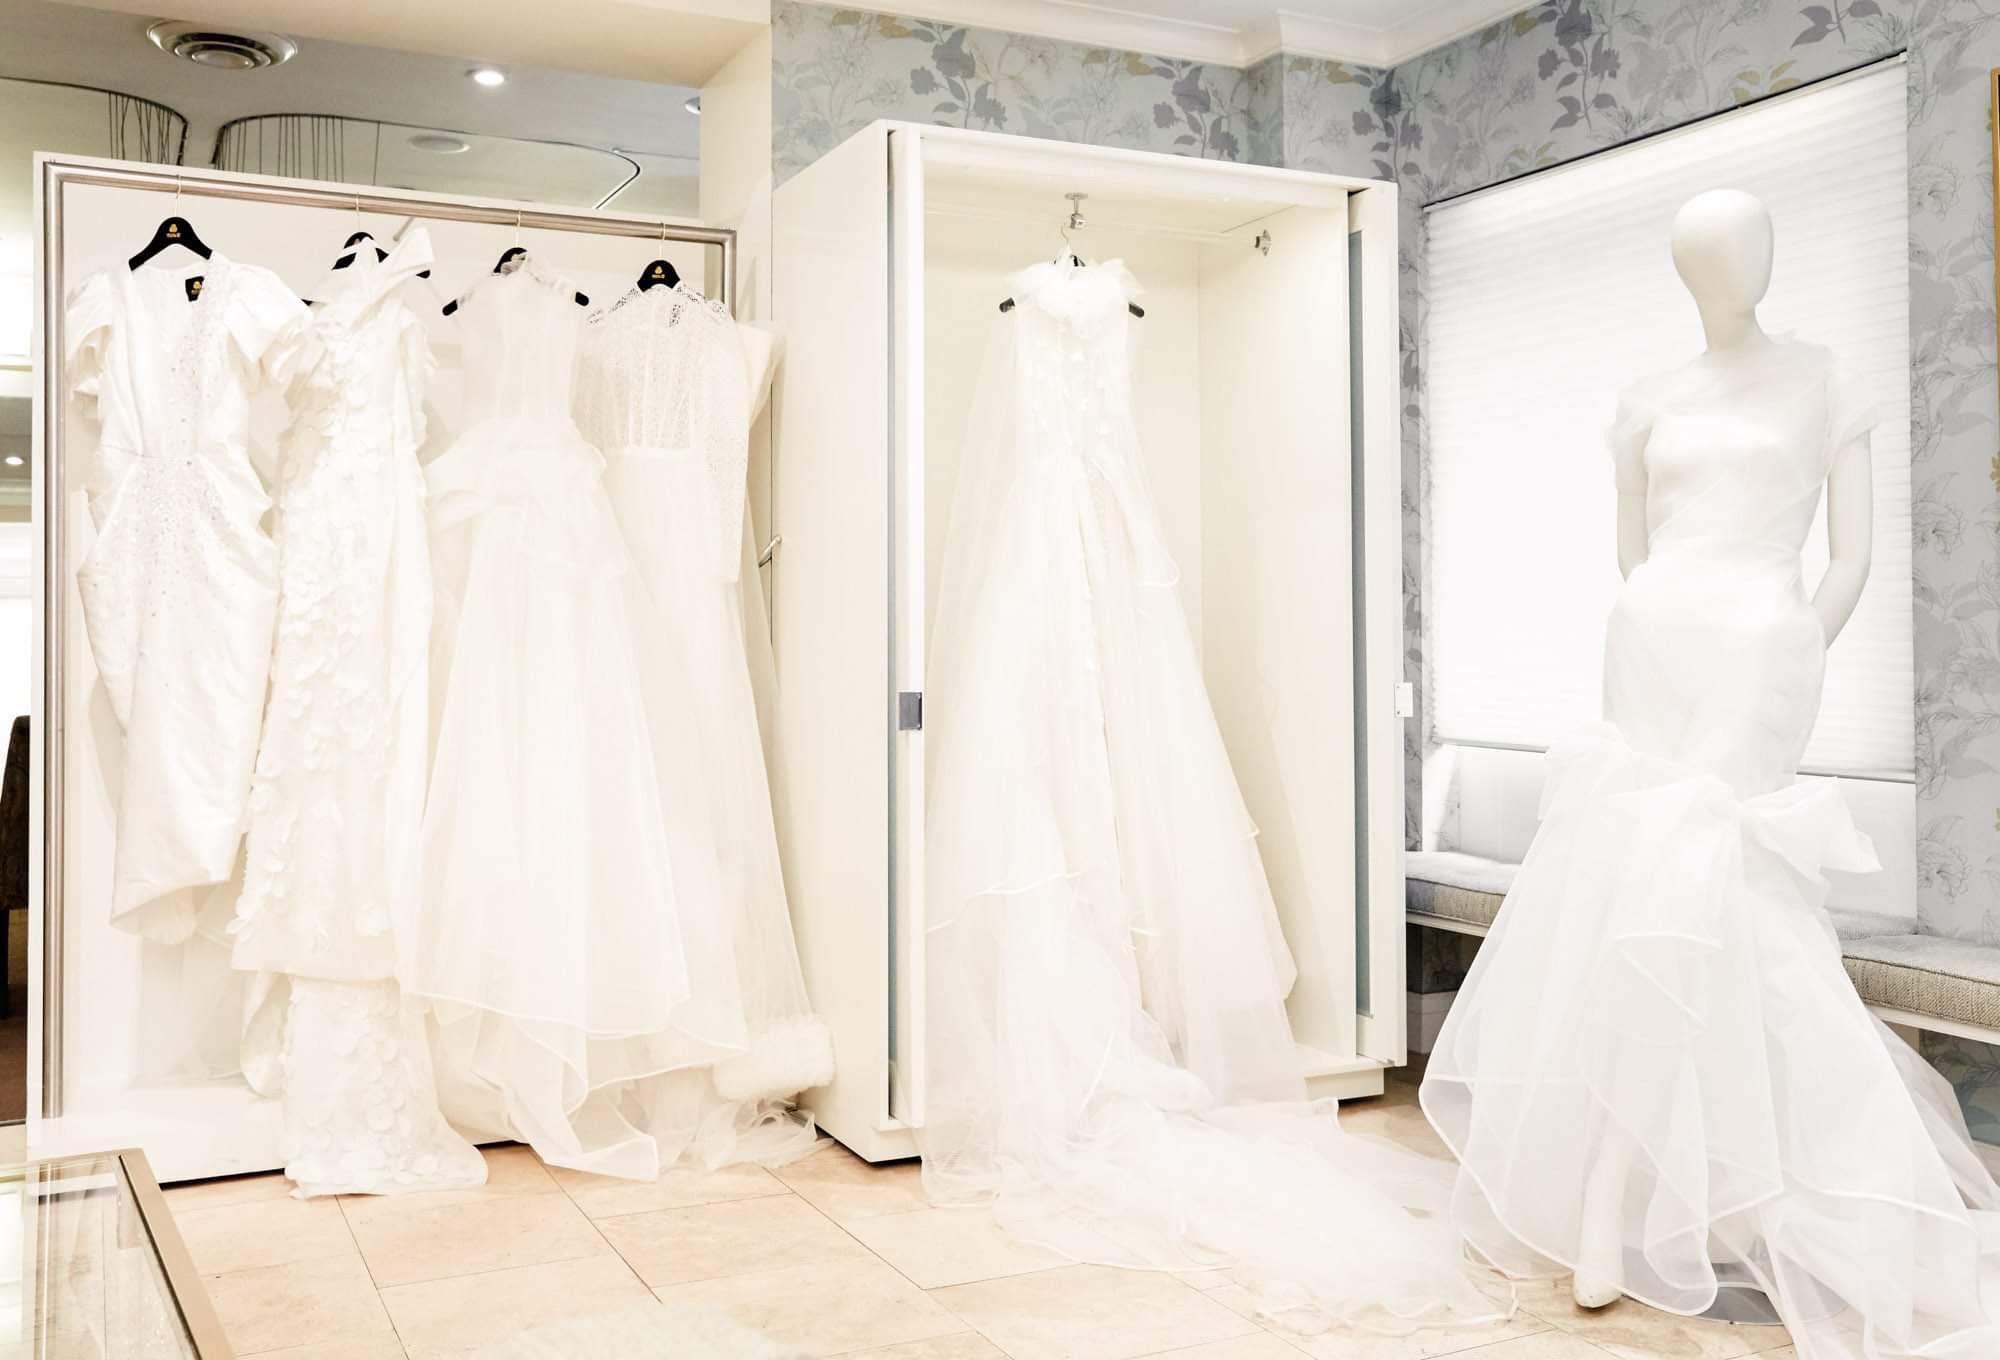 Ngắm váy cưới của nhà thiết kế Việt tại tiệm đồ cưới nổi tiếng New York - Ảnh 1.